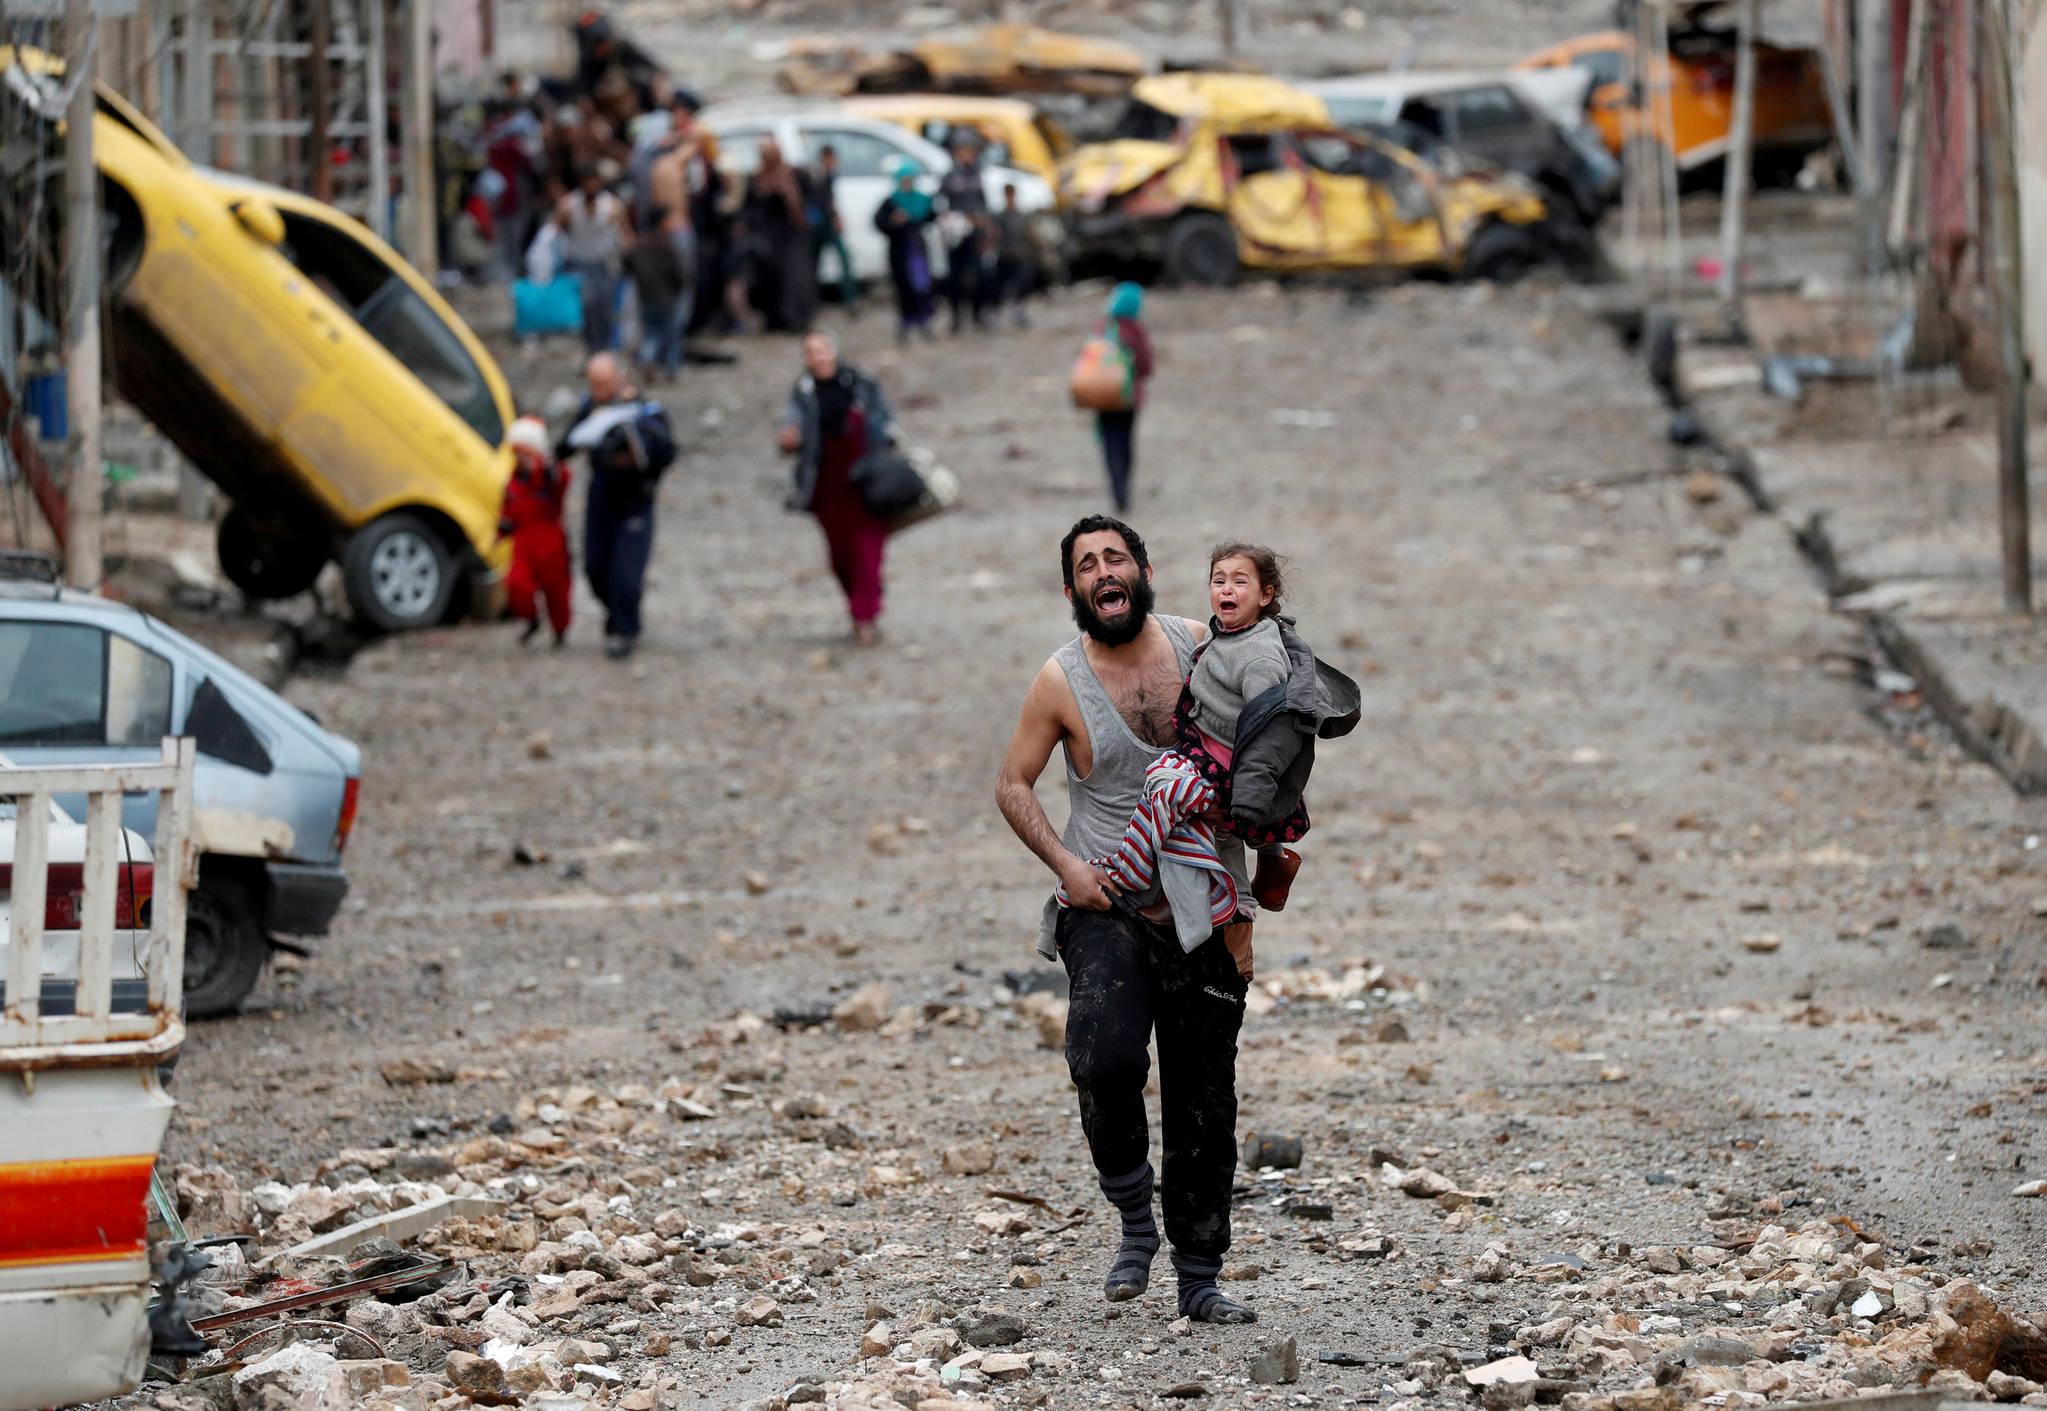 3월 4일. 이슬람 국가(IS)가 통제하던 이라크 모술 지역에서 폭격을 피해 딸을 안고 울면서 특수 부대에게 다가가는 남성. 그는 자살폭탄테러범이 아니라는 걸 증명하기 위해 셔츠를 들어올리라는 명령을 받았다. [REUTERS=연합뉴스/Goran Tomasevic]